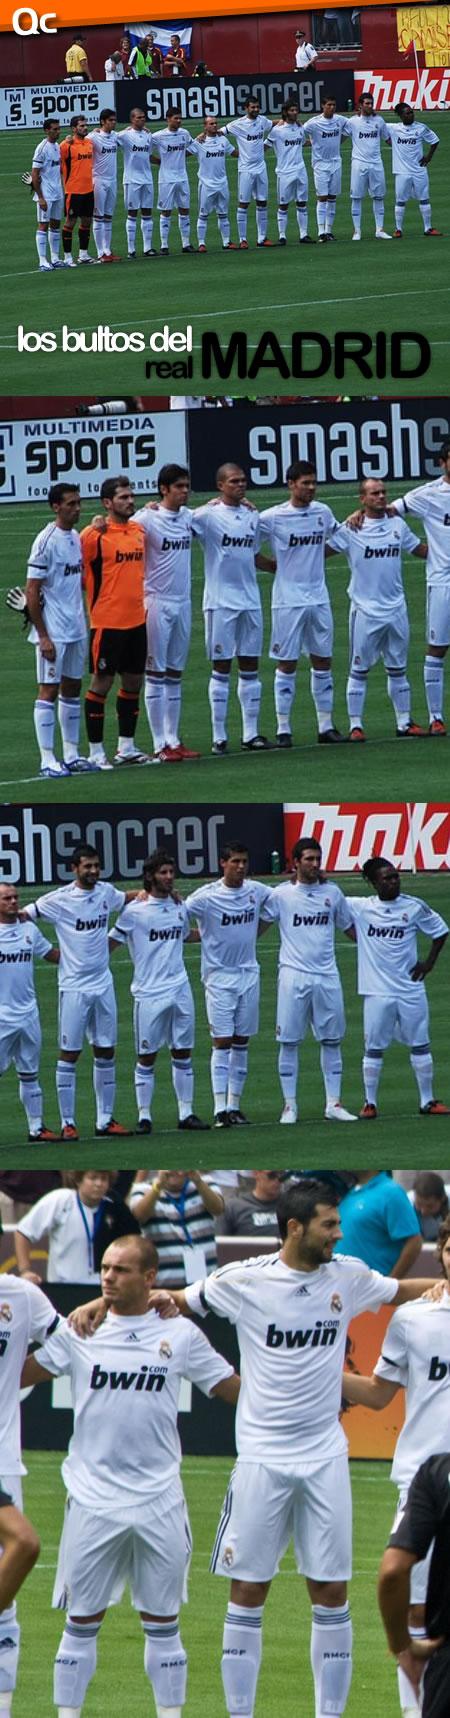 Los Bultos del Real Madrid